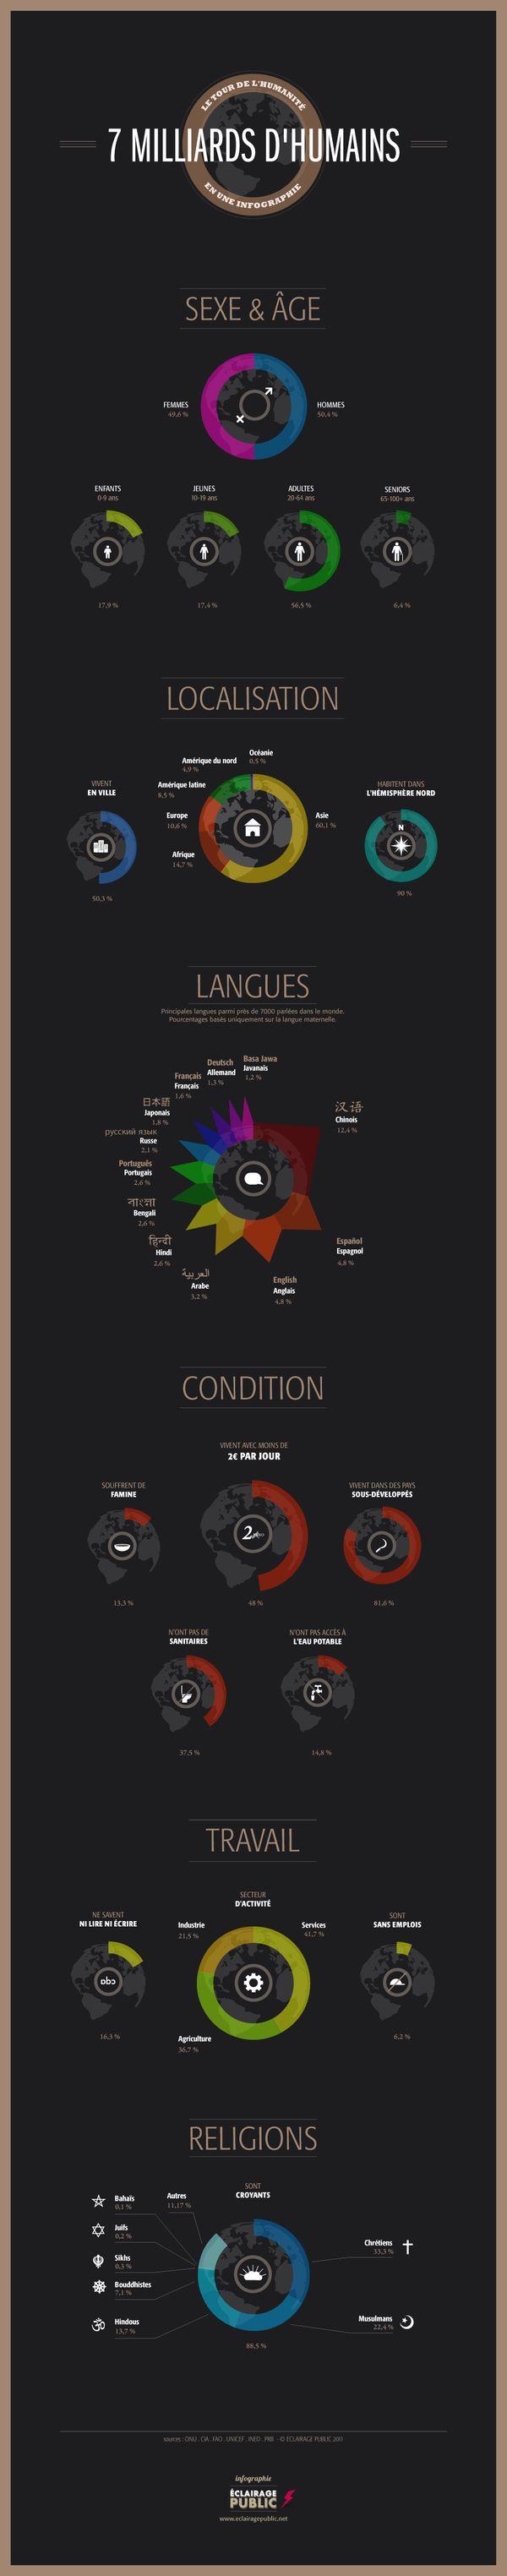 29 inspirations et ressources pour réaliser des infographies originales | Blog du Webdesign